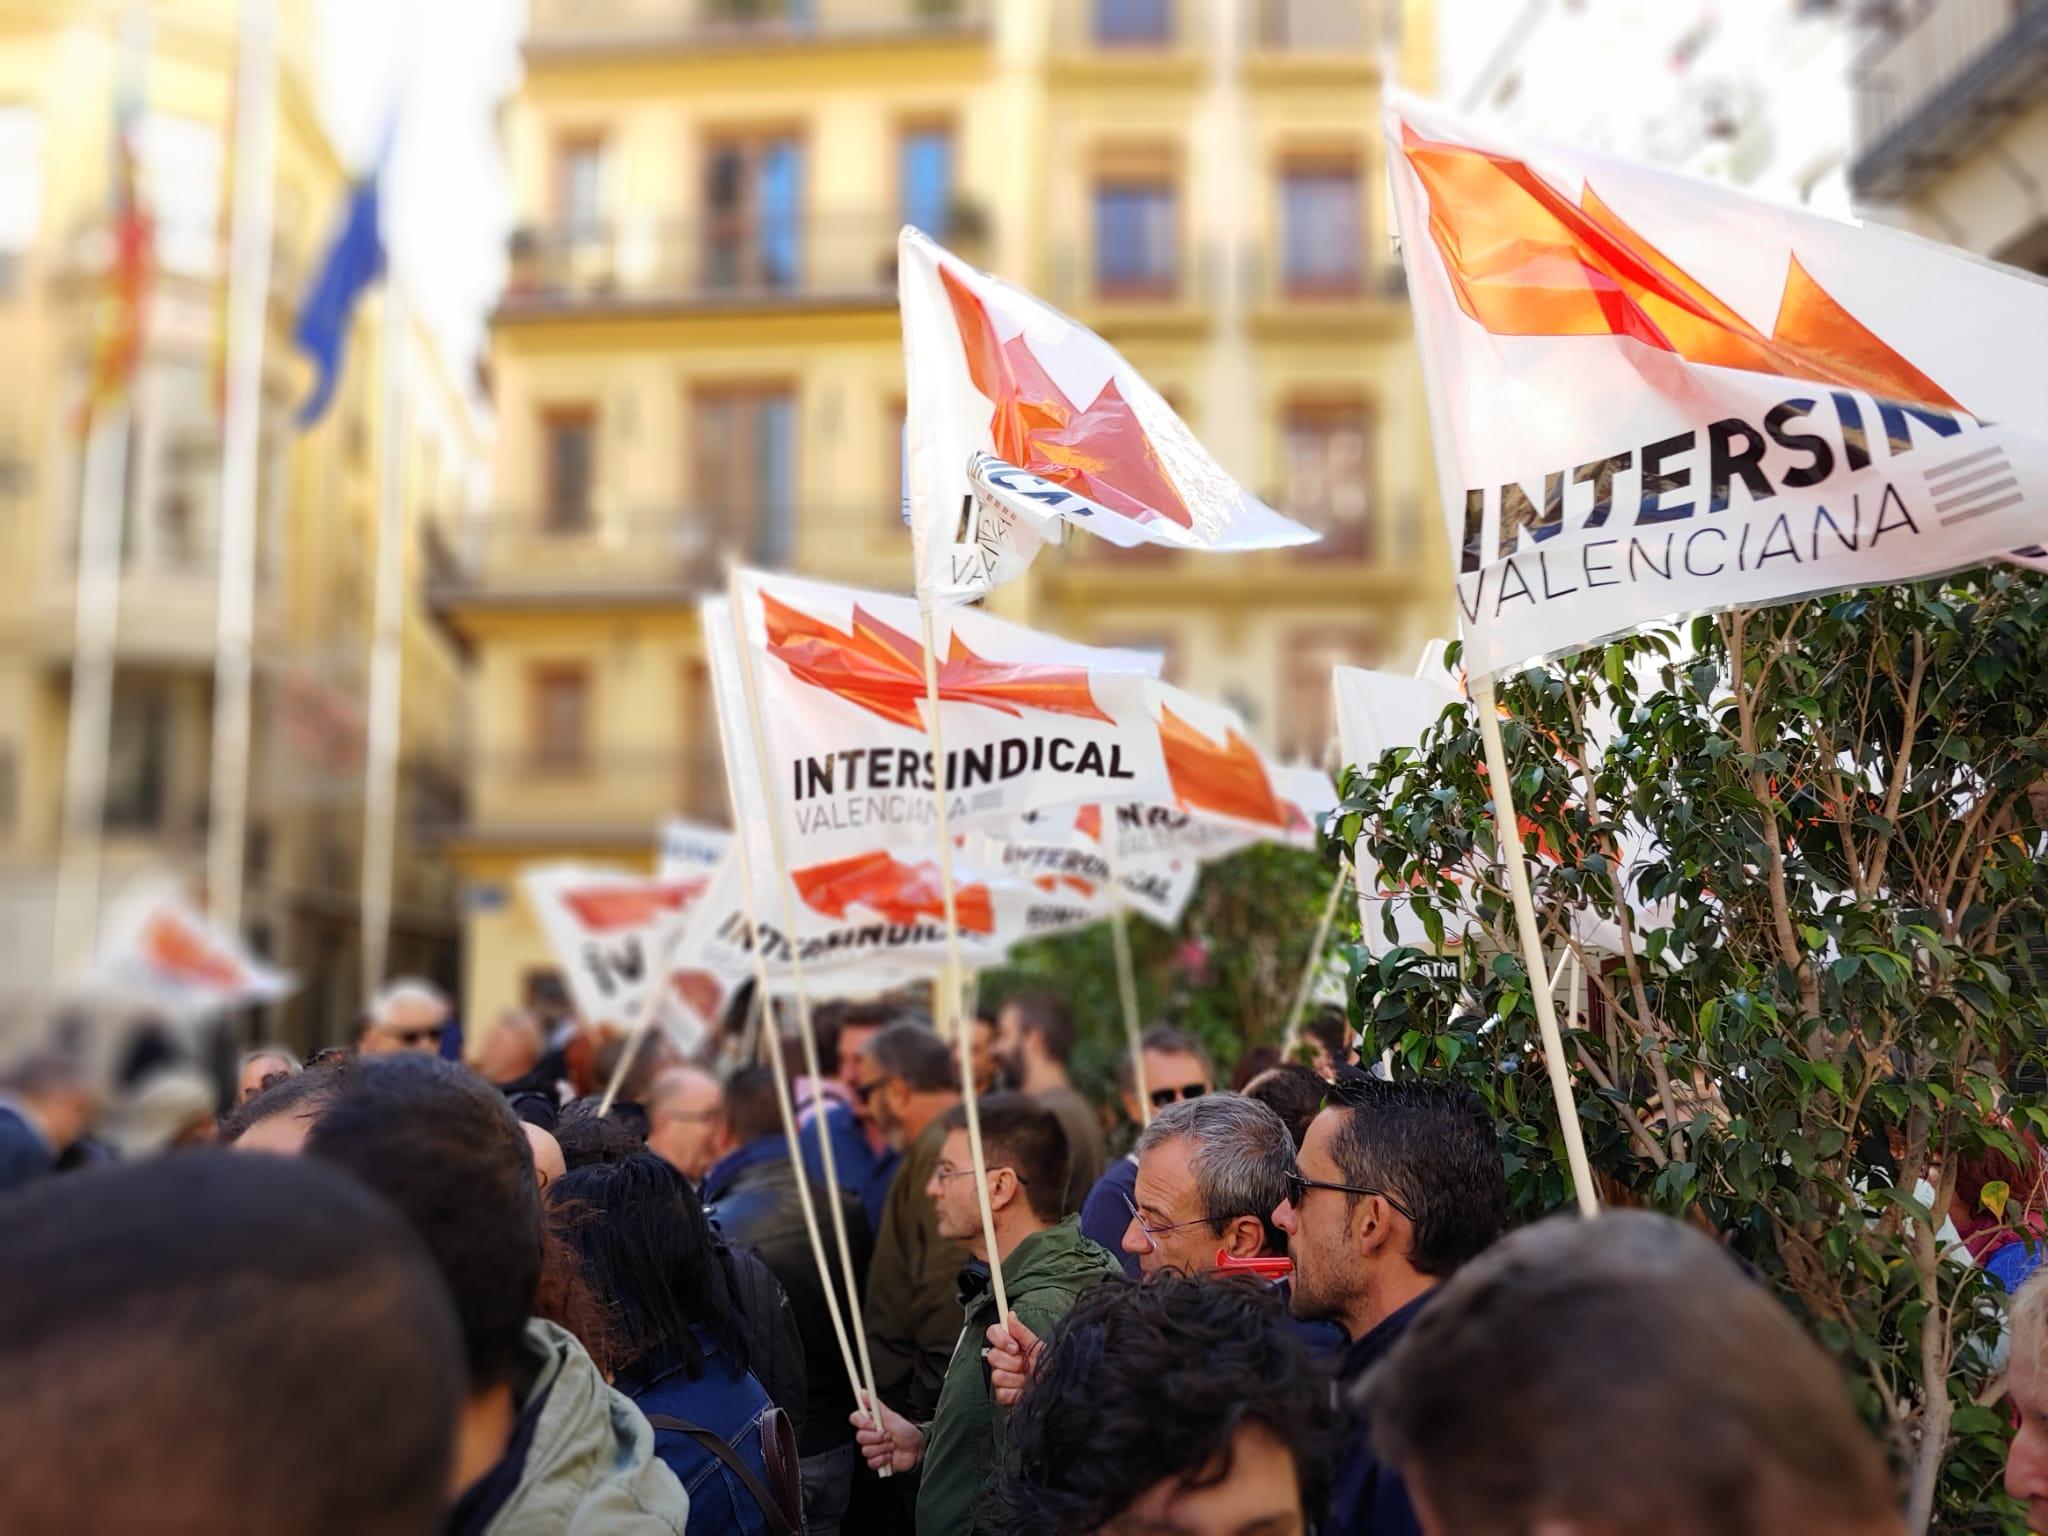 Concentració davant de la Generalitat